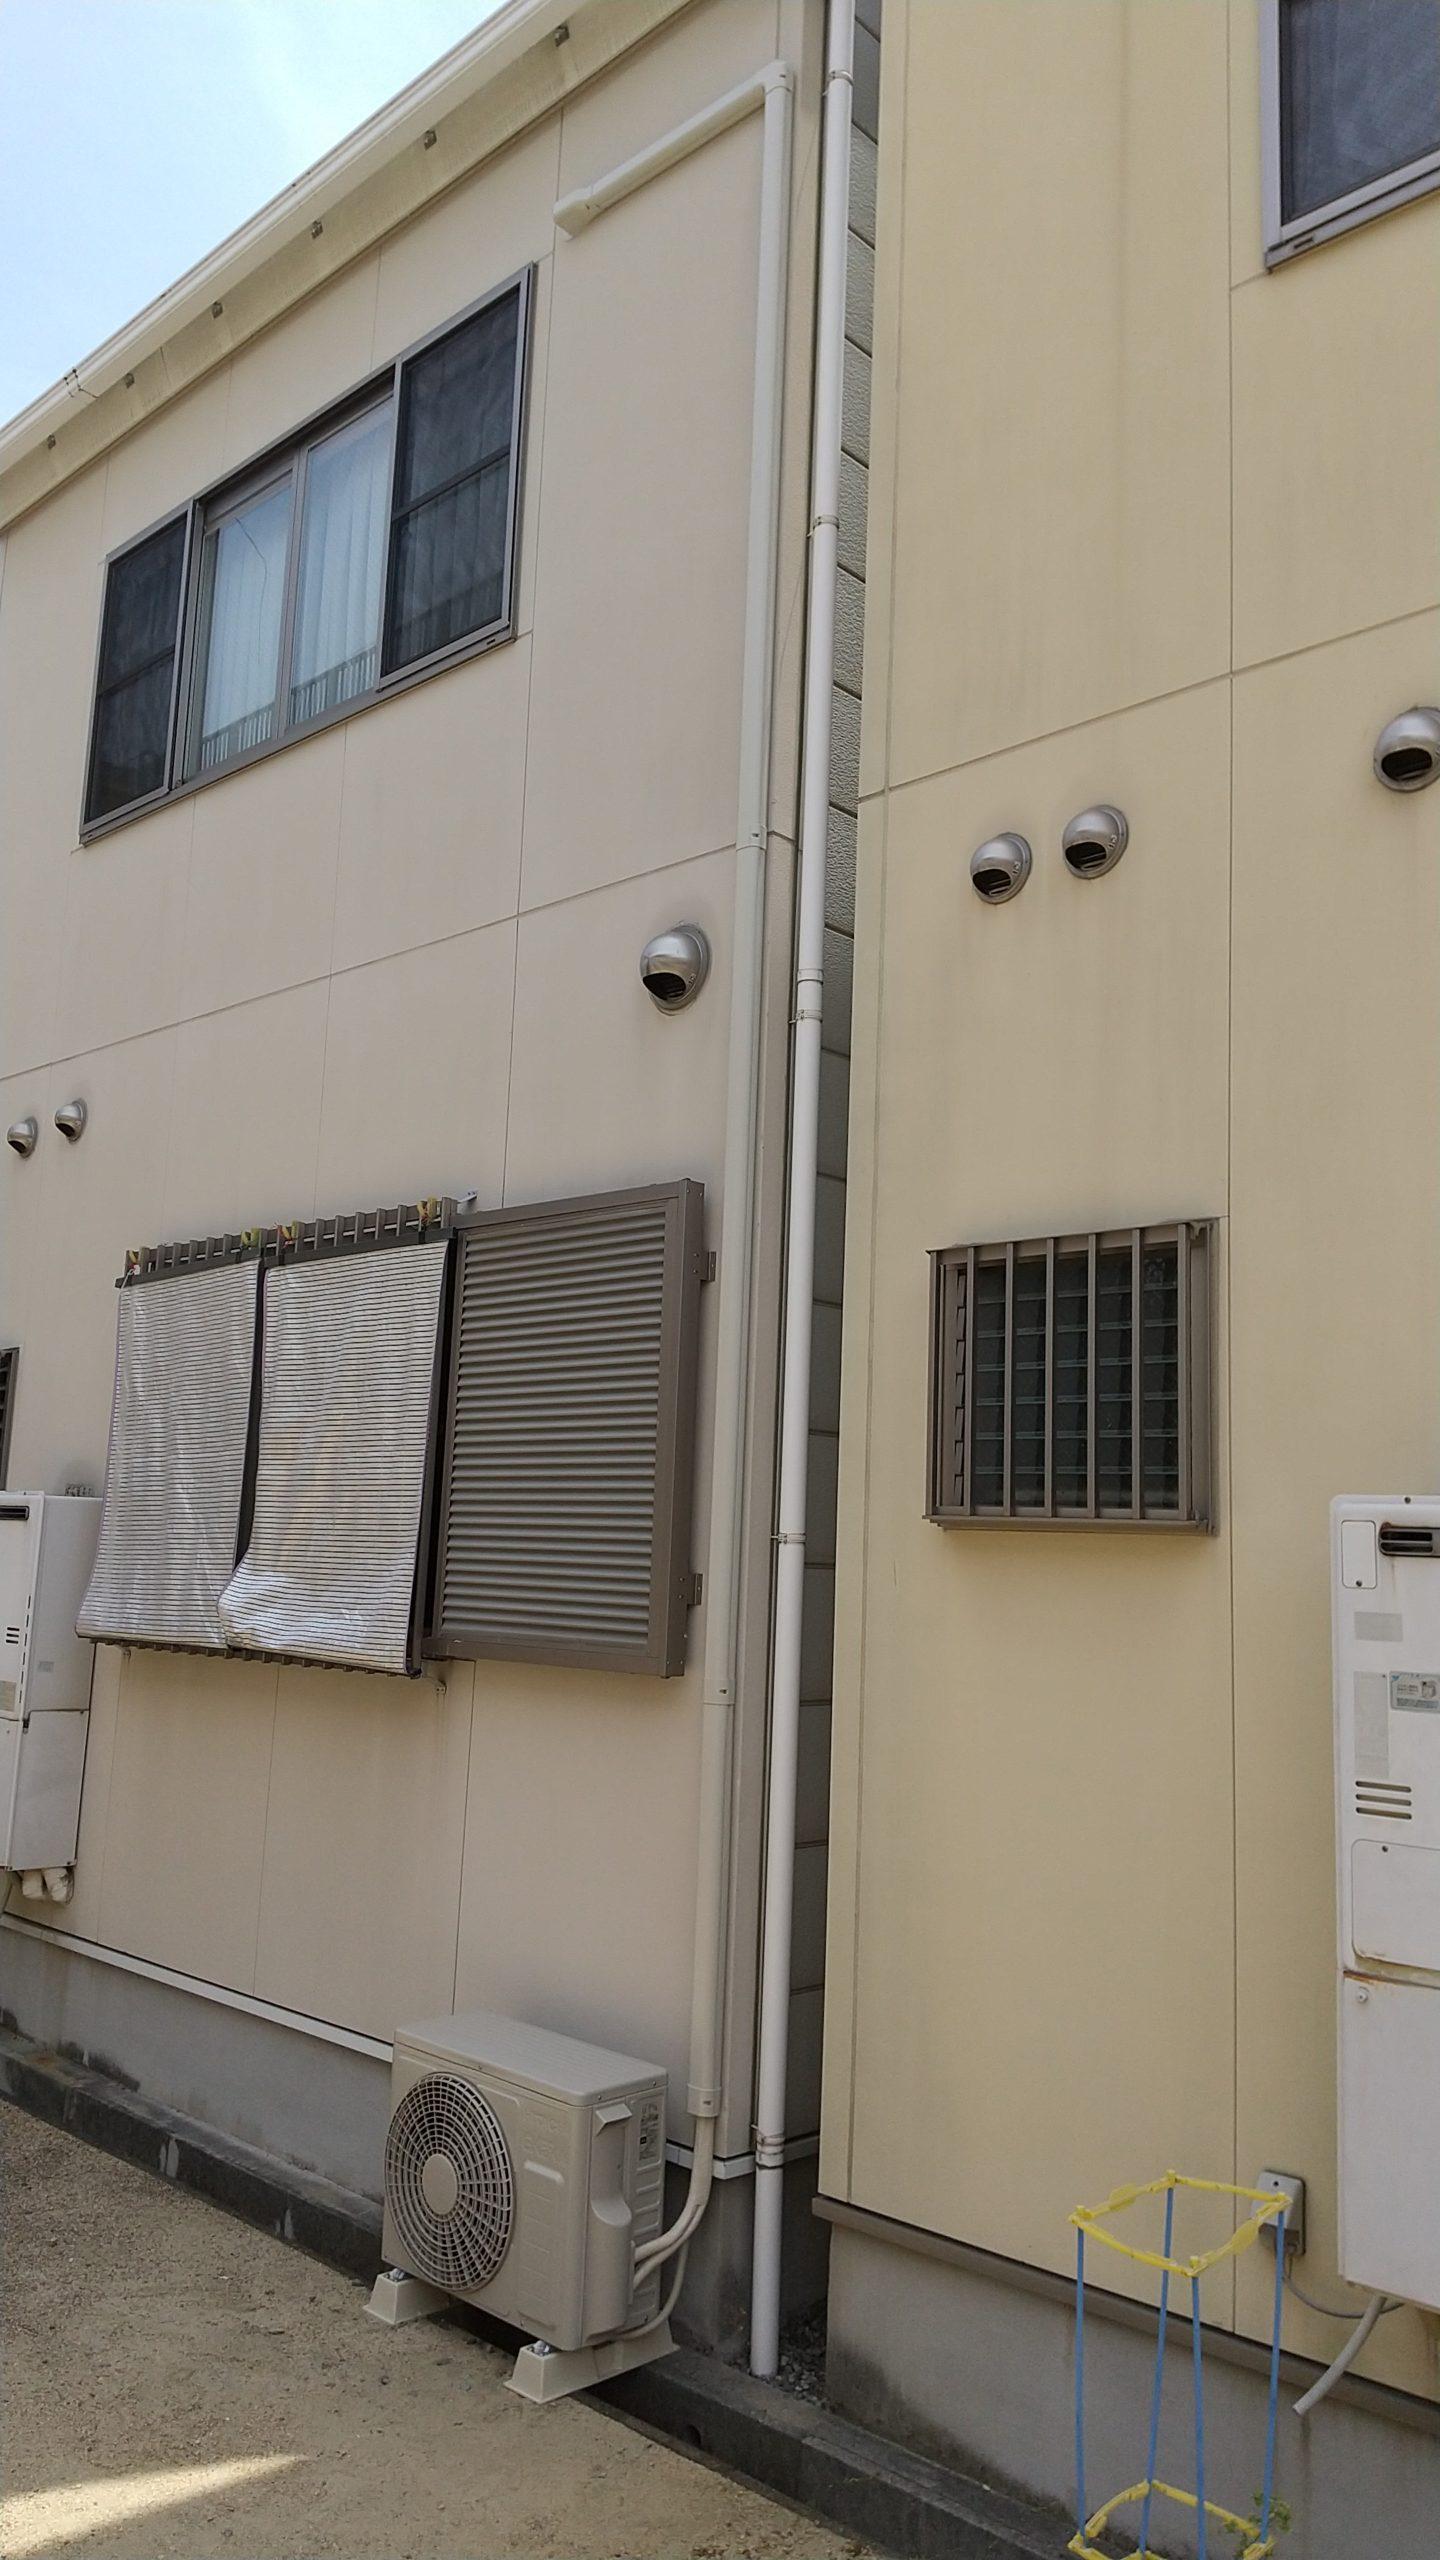 兵庫区のI様宅のエアコン取付け工事をさせて頂きました。